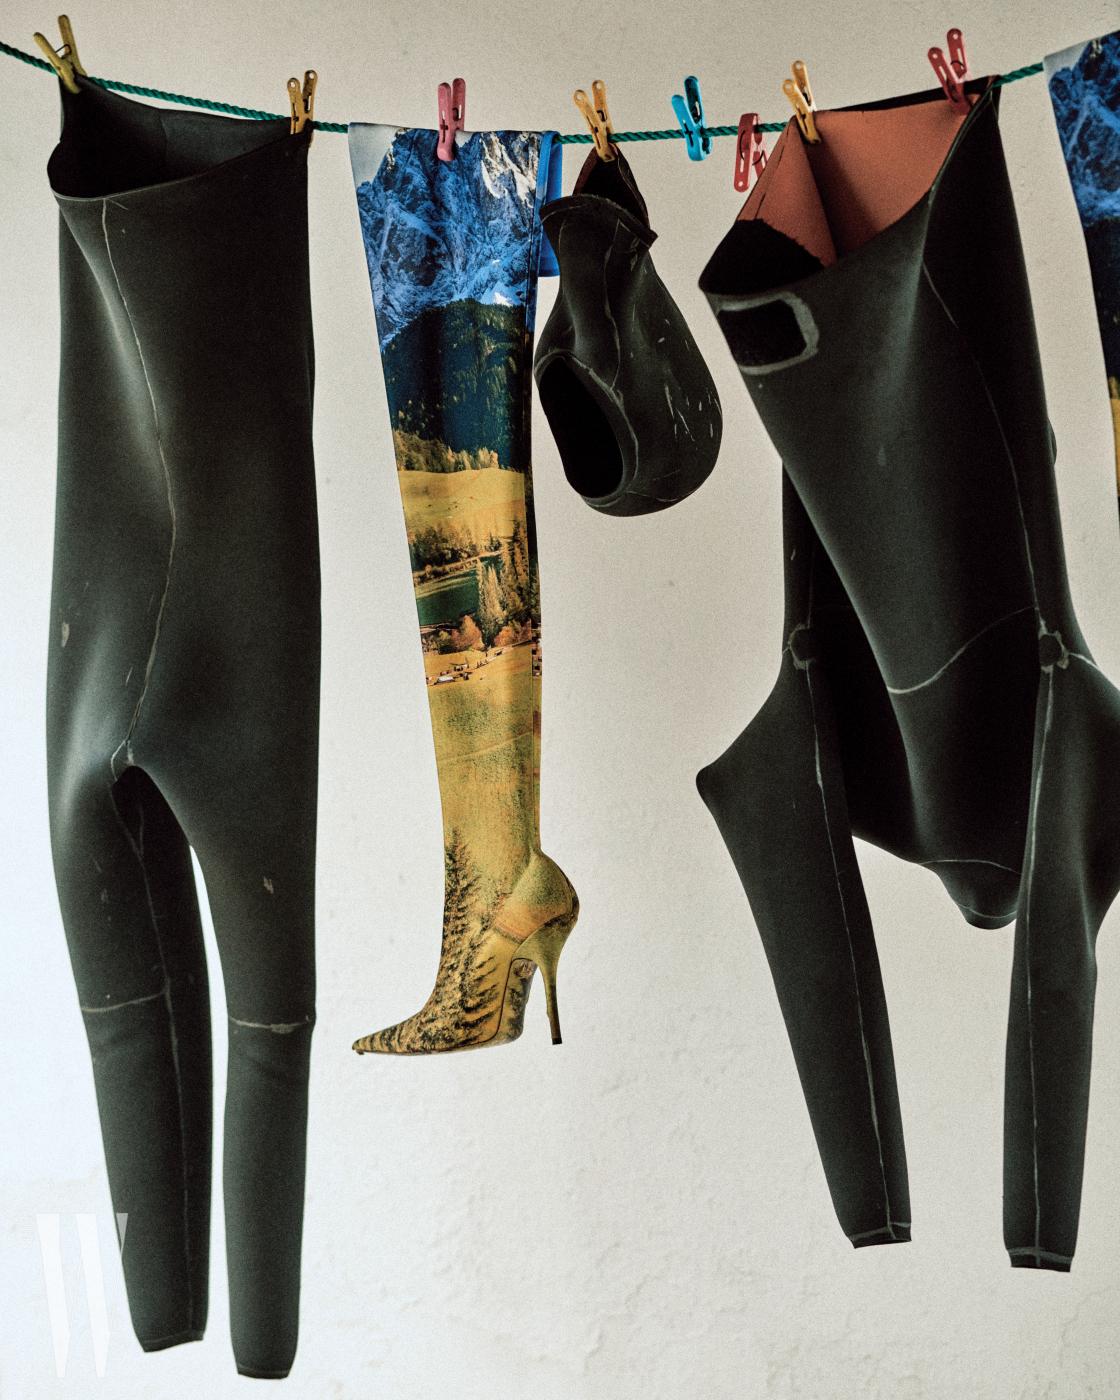 해녀의 작업복과 함께 걸려 있는 사이하이 부츠는 Balenciaga 제품.